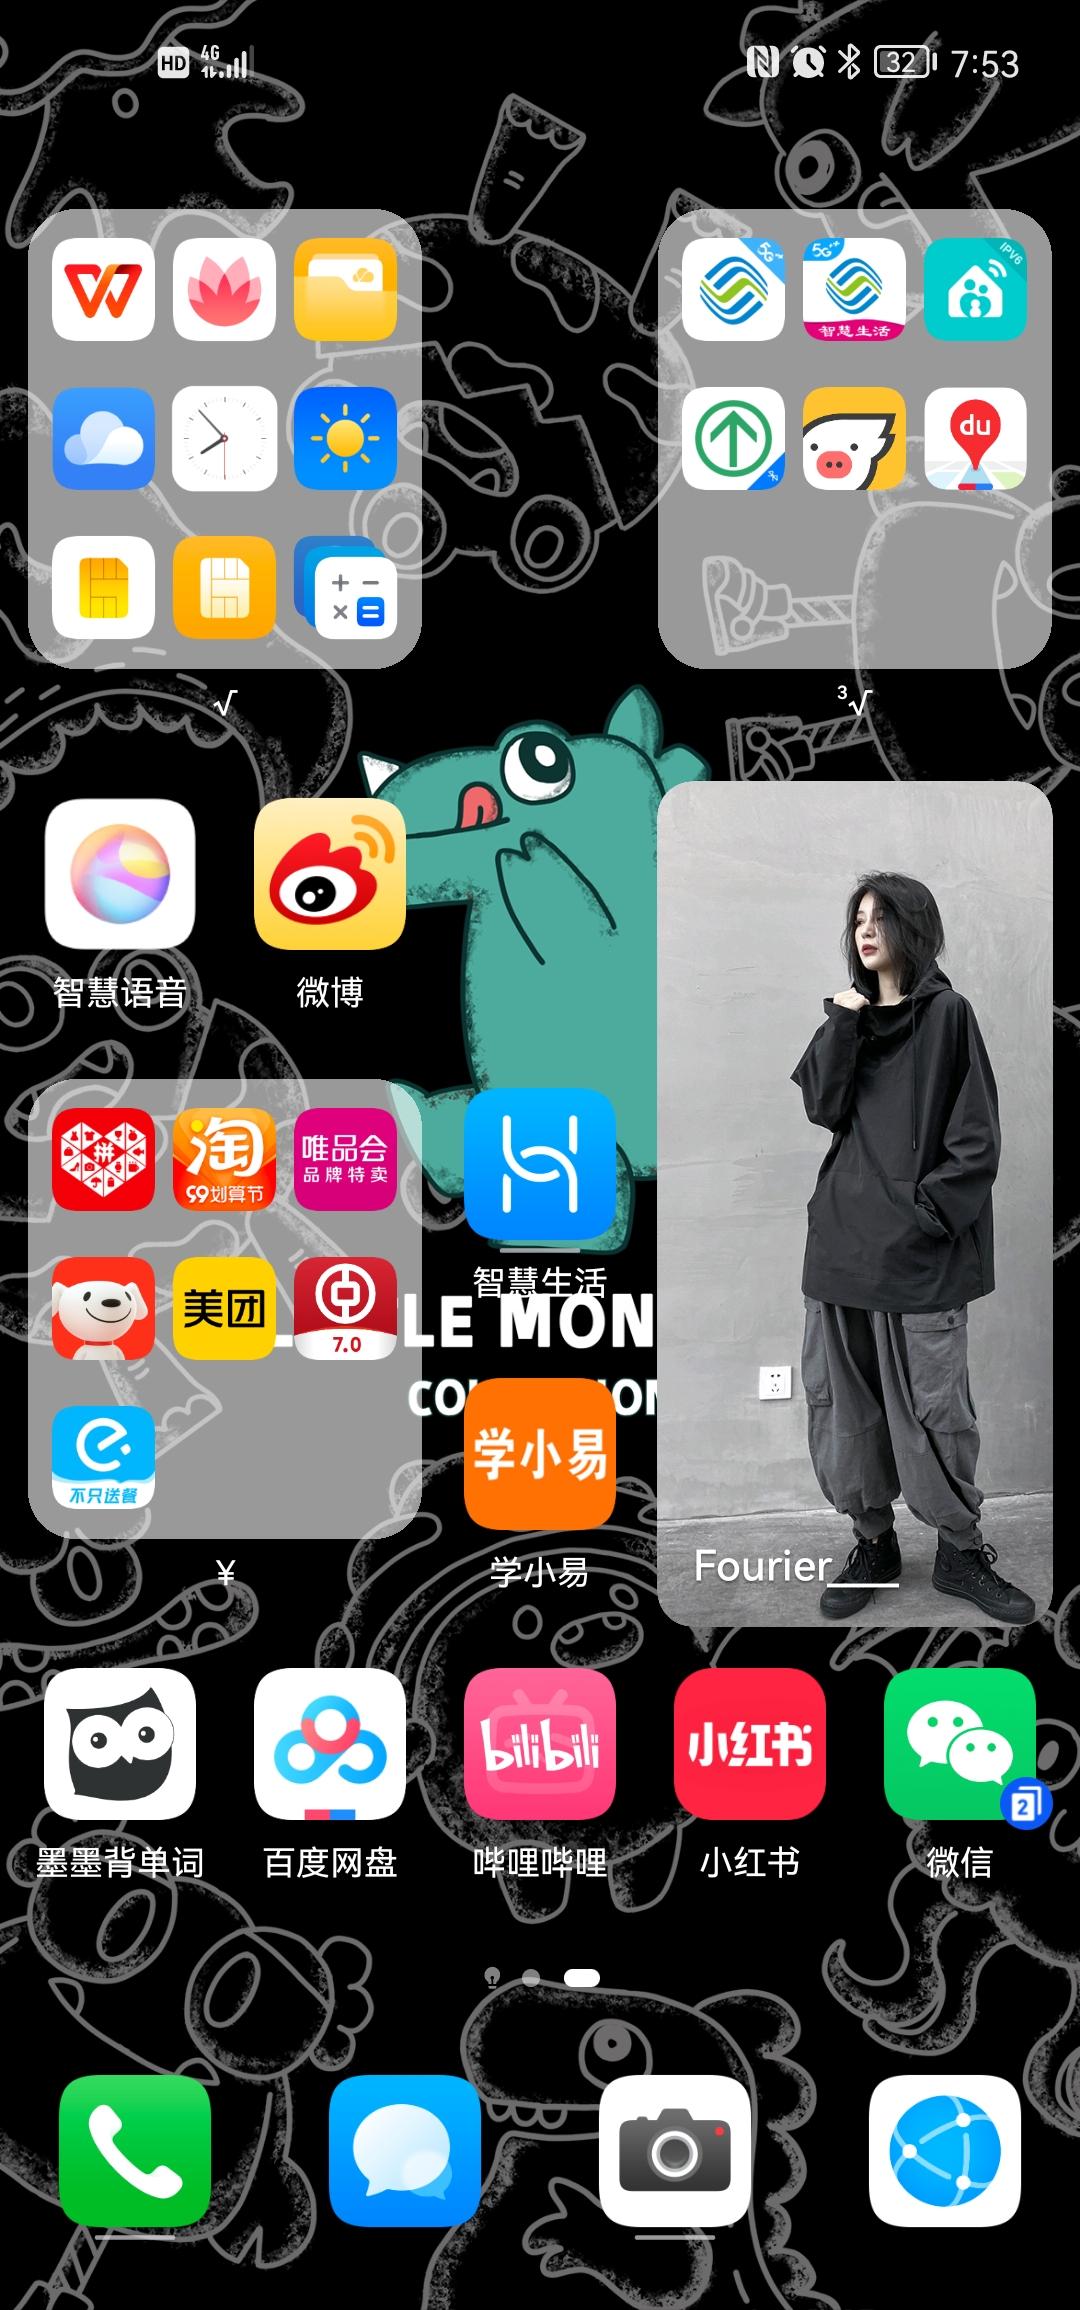 Screenshot_20210908_195330_com.huawei.android.launcher.jpg